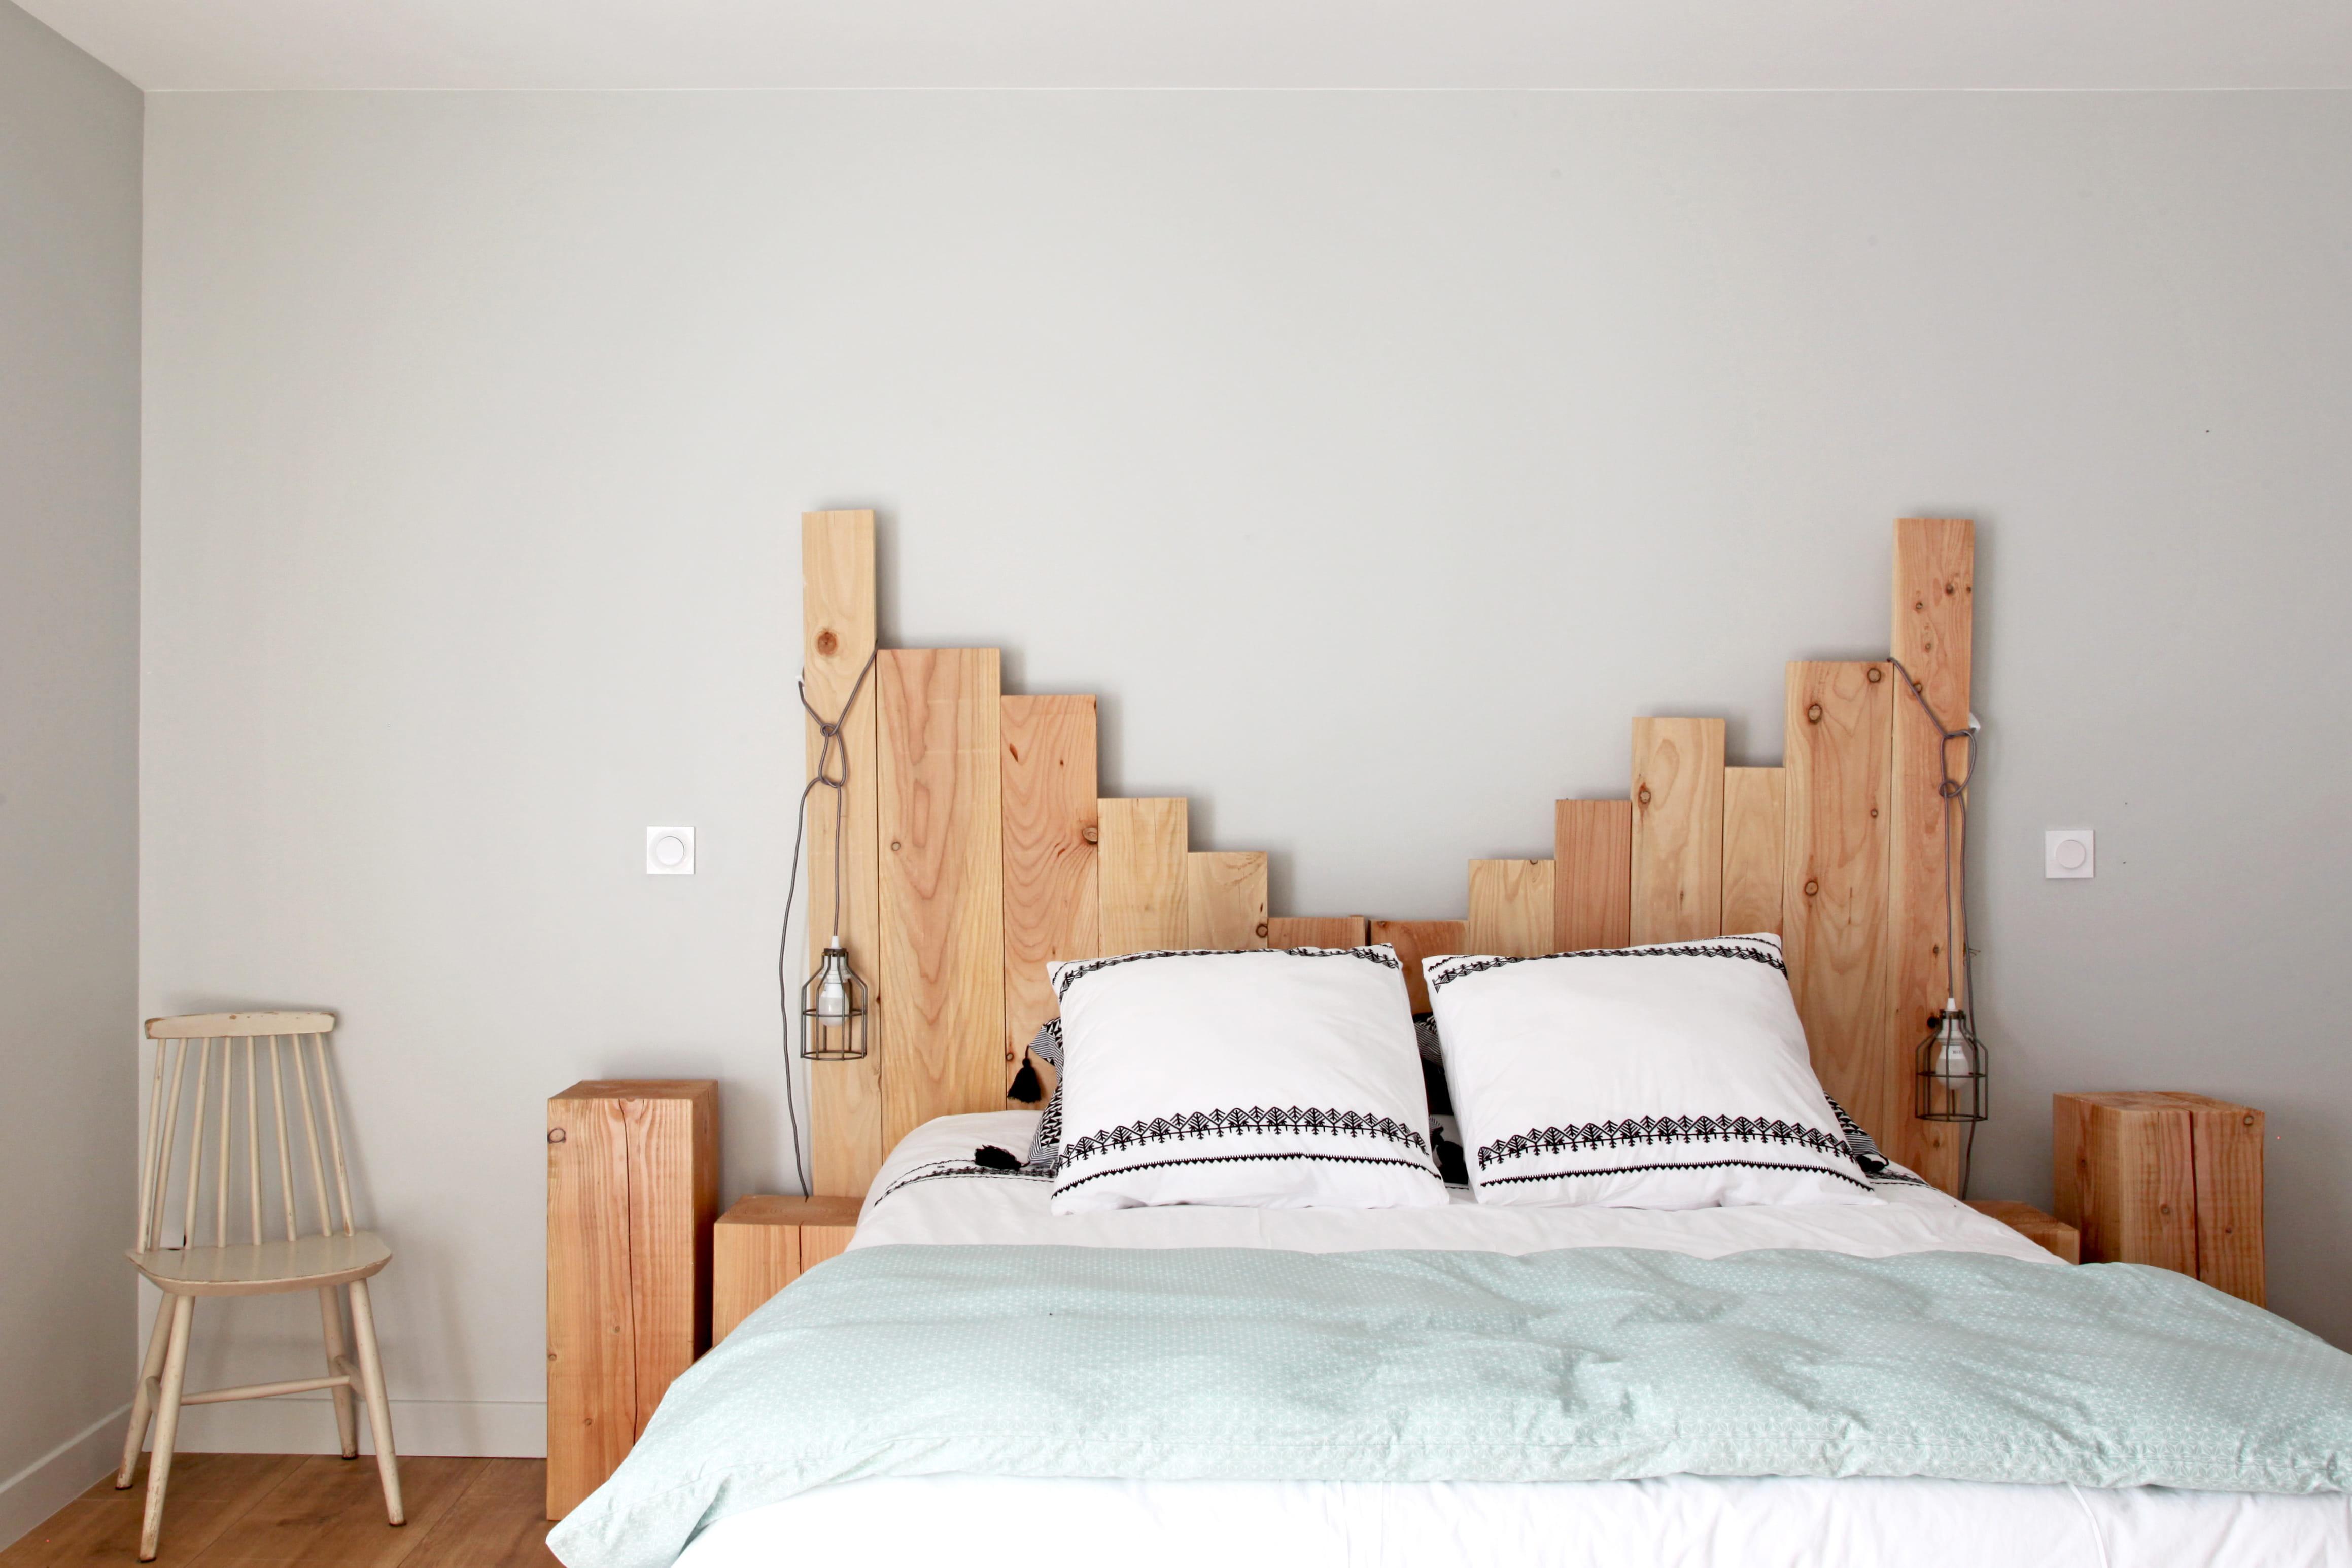 Fabriquer Un Lit En Bois 14 idées pour décorer et mettre en valeur son lit